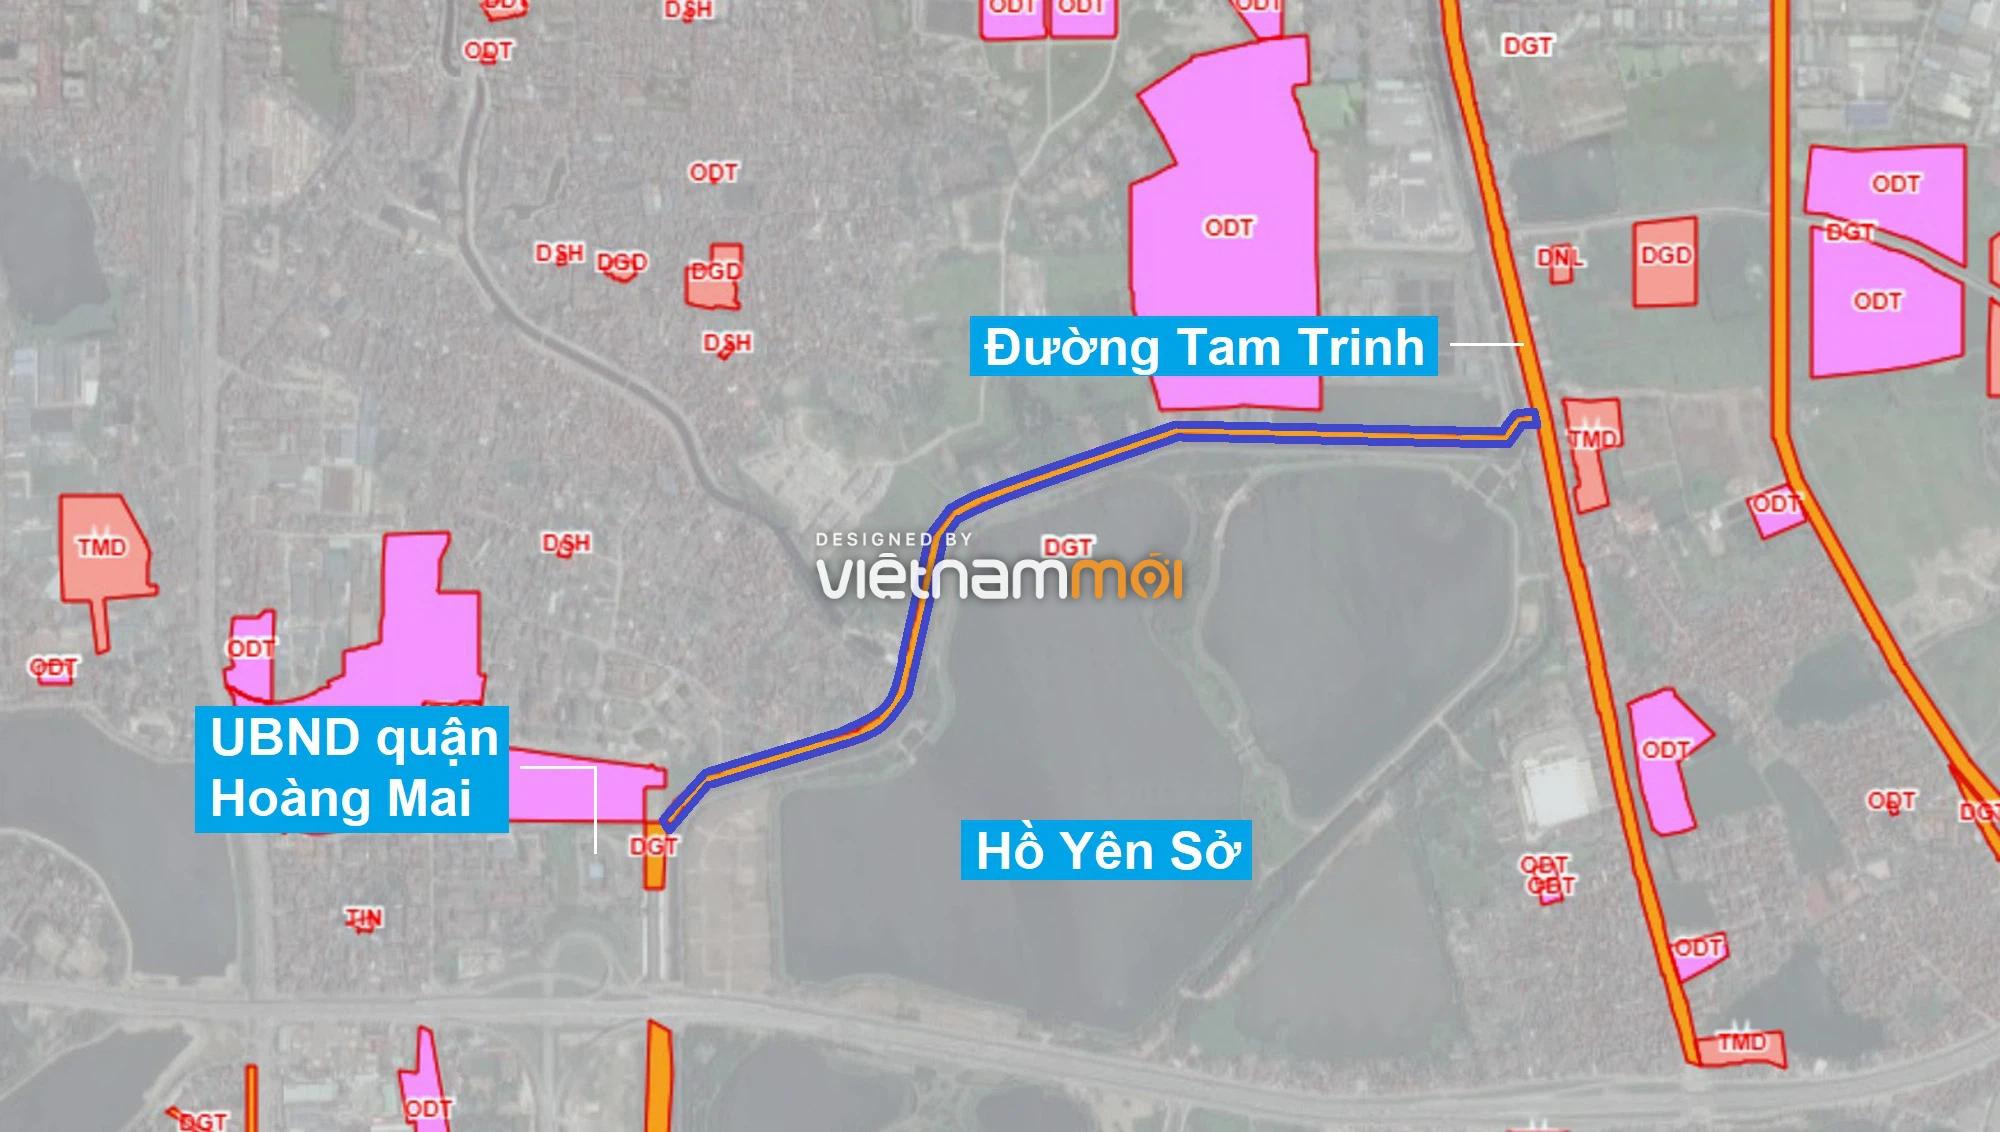 Những khu đất sắp thu hồi để mở đường ở quận Hoàng Mai, Hà Nội (phần 2) - Ảnh 11.